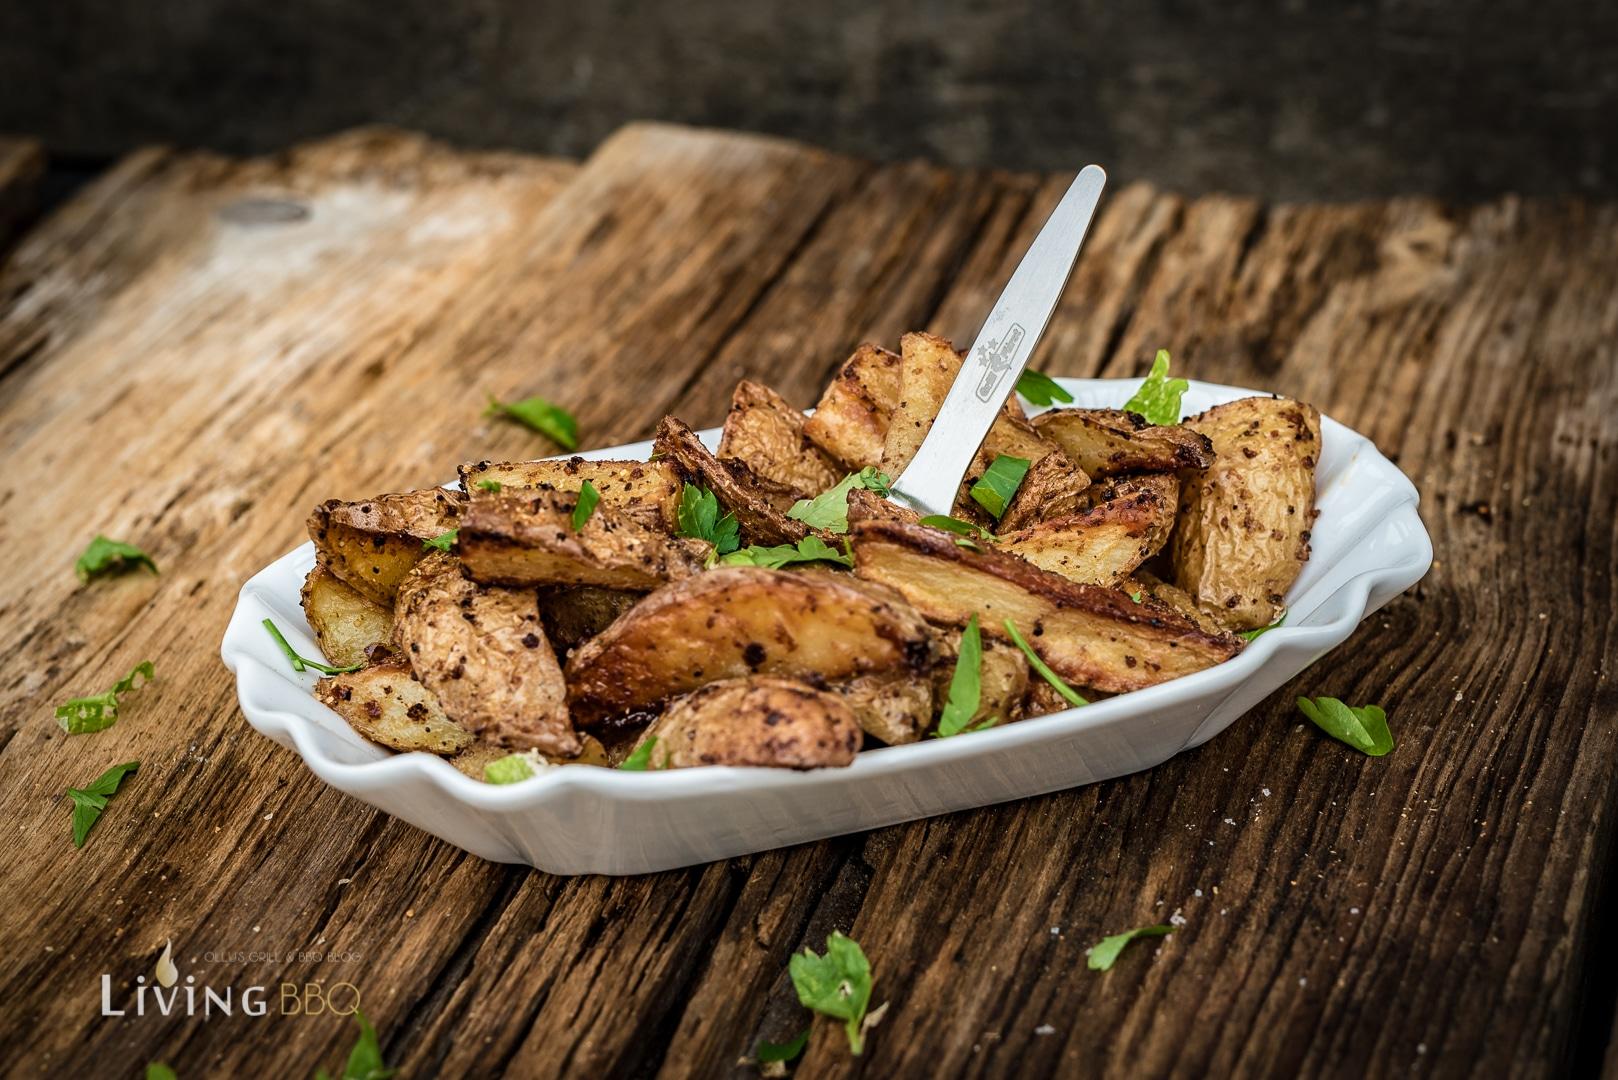 Kartoffelecken Potato Wedges grillrezepte_Kartoffelecken 4 von 4